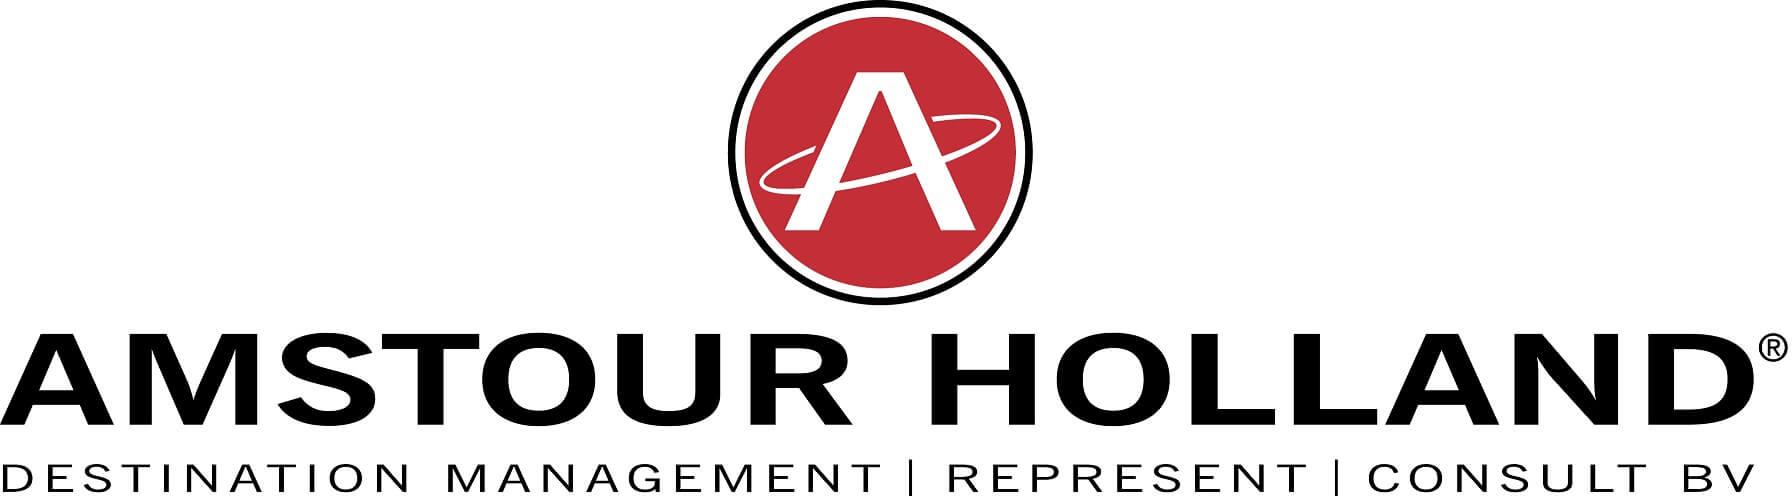 Logo-Amstour-naam-slogan-1